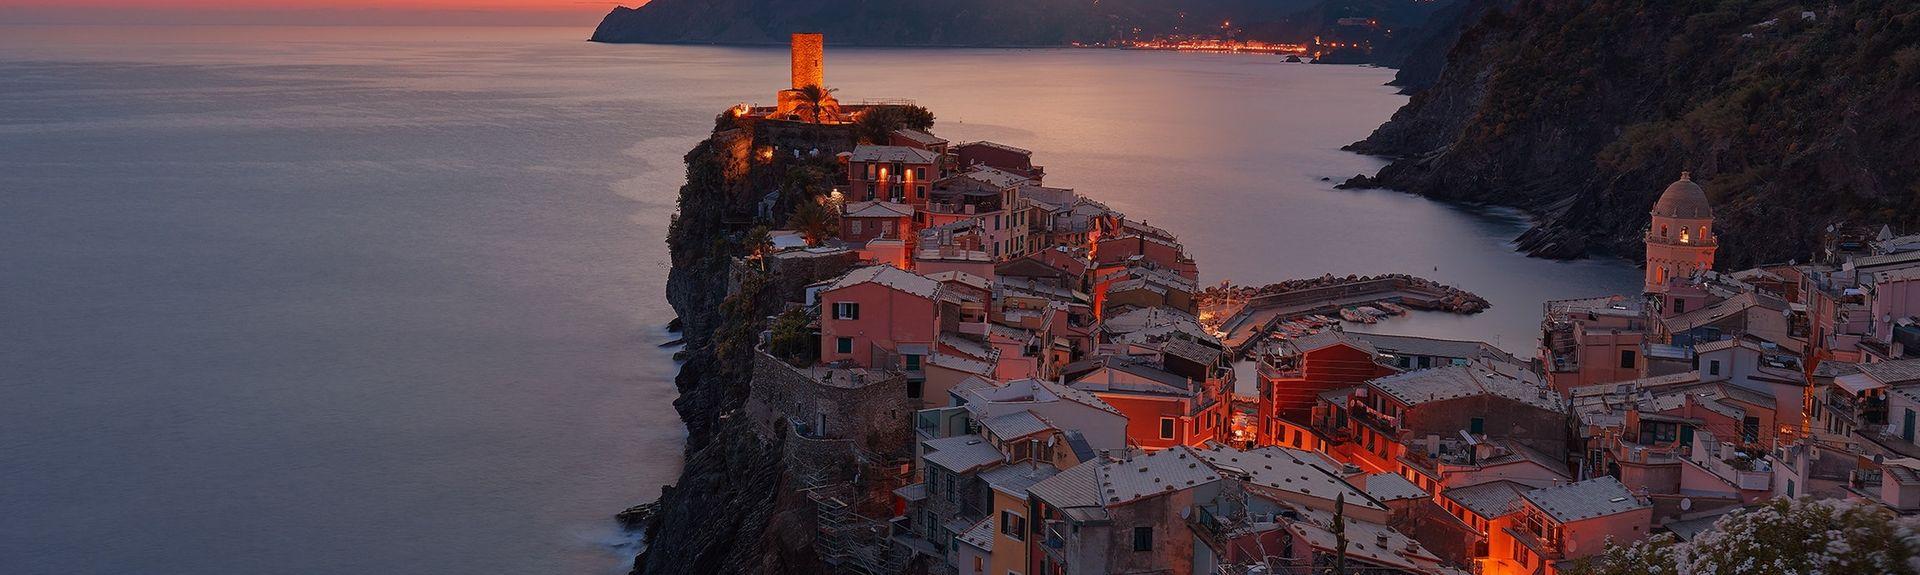 San Rocco, Ligurie, Italie